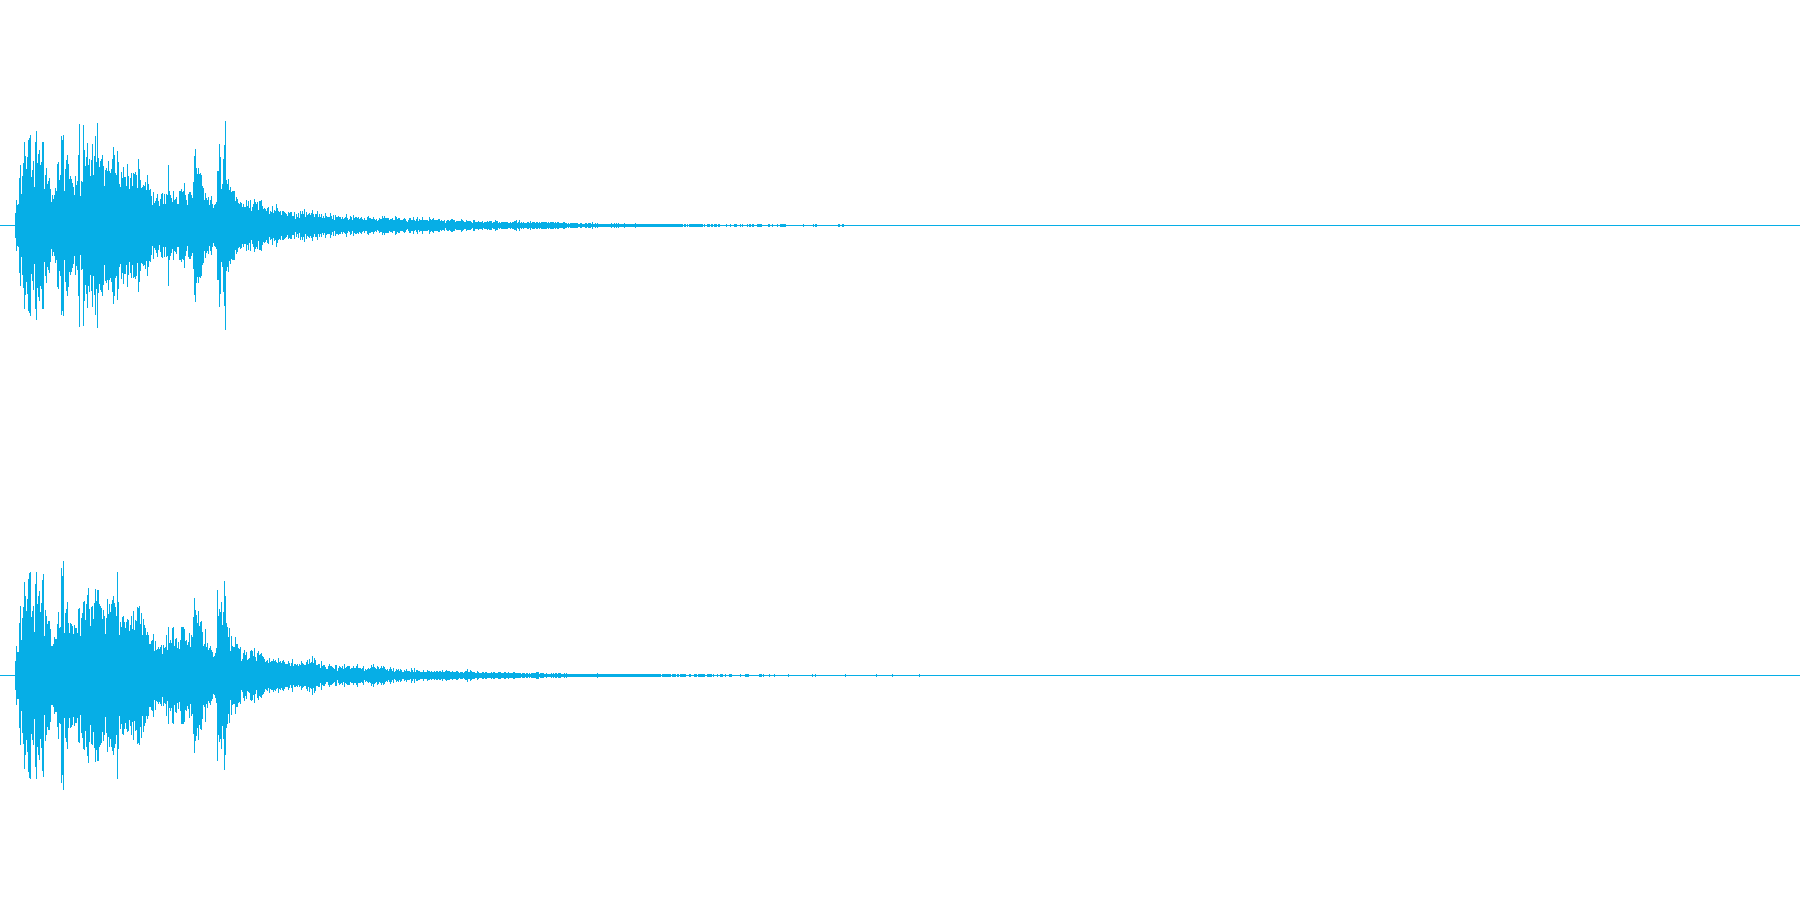 重金属的な効果音「ジャラリーン」の再生済みの波形